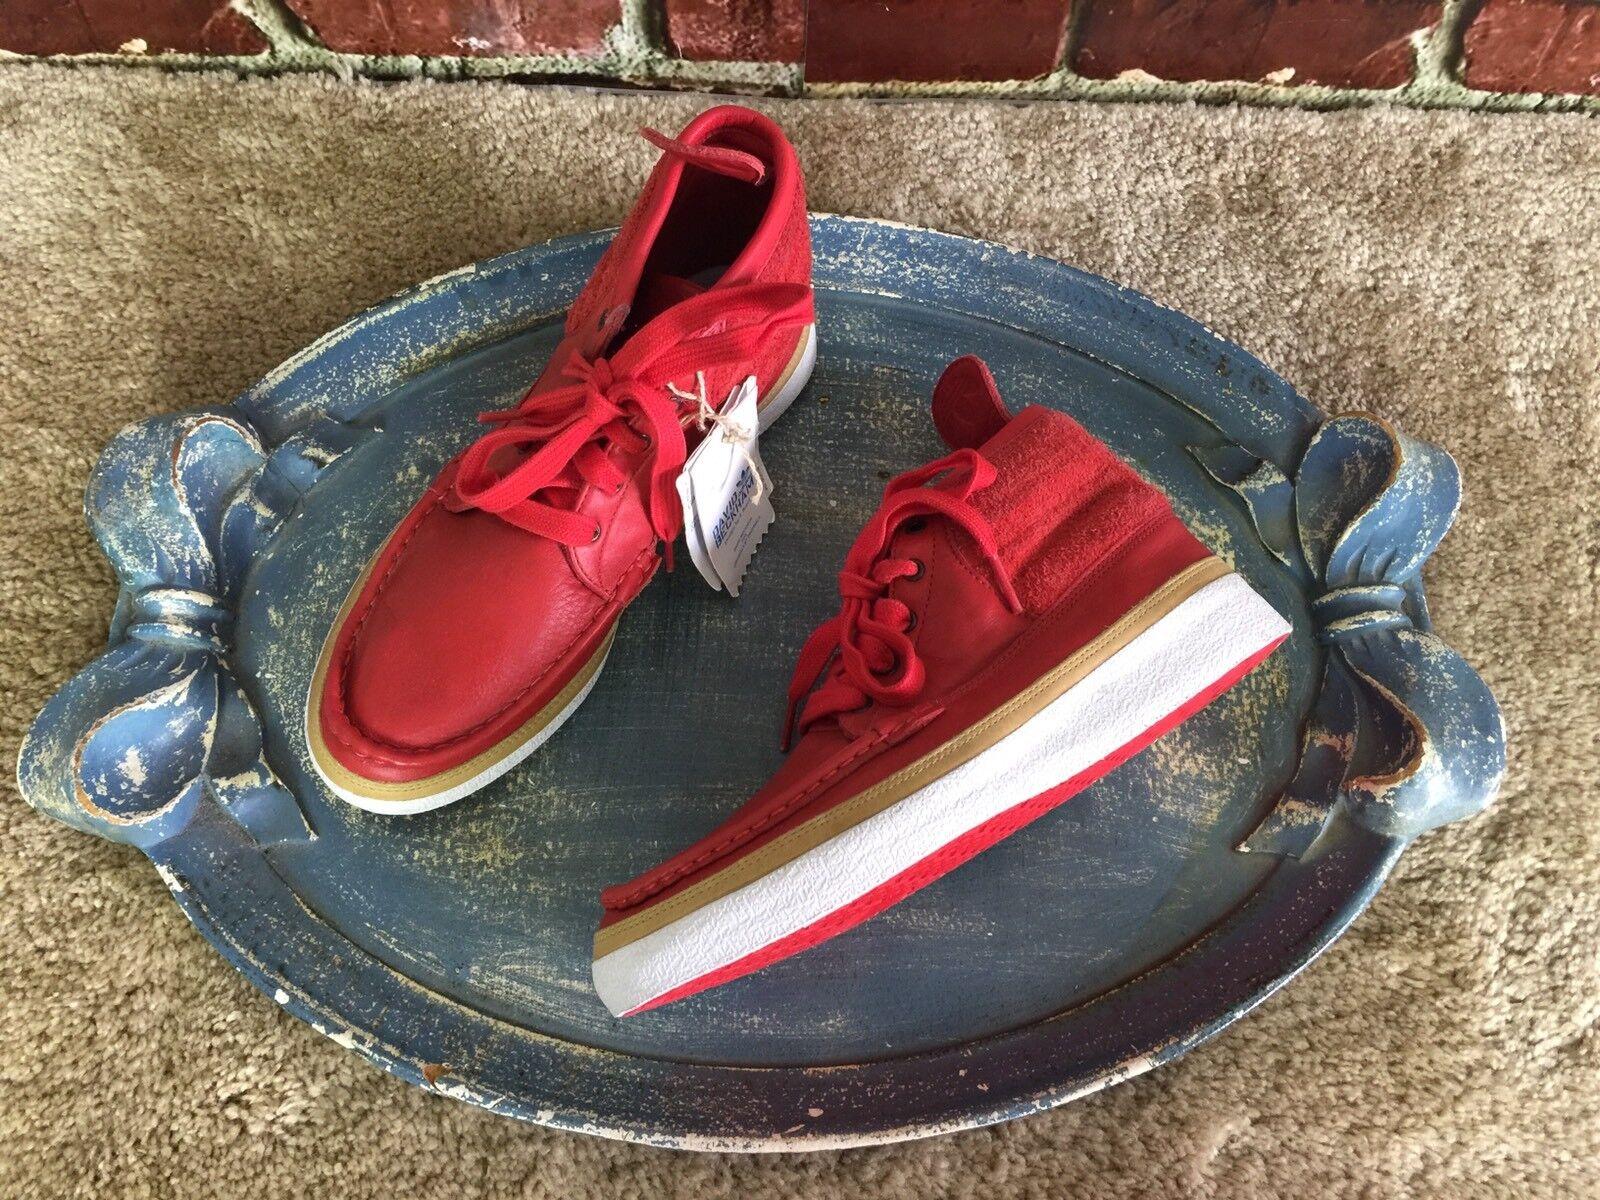 Nwob david beckham adidas originali gazzella taglia vintage ragazzi barca scarpe taglia gazzella 5,5 caaf4d